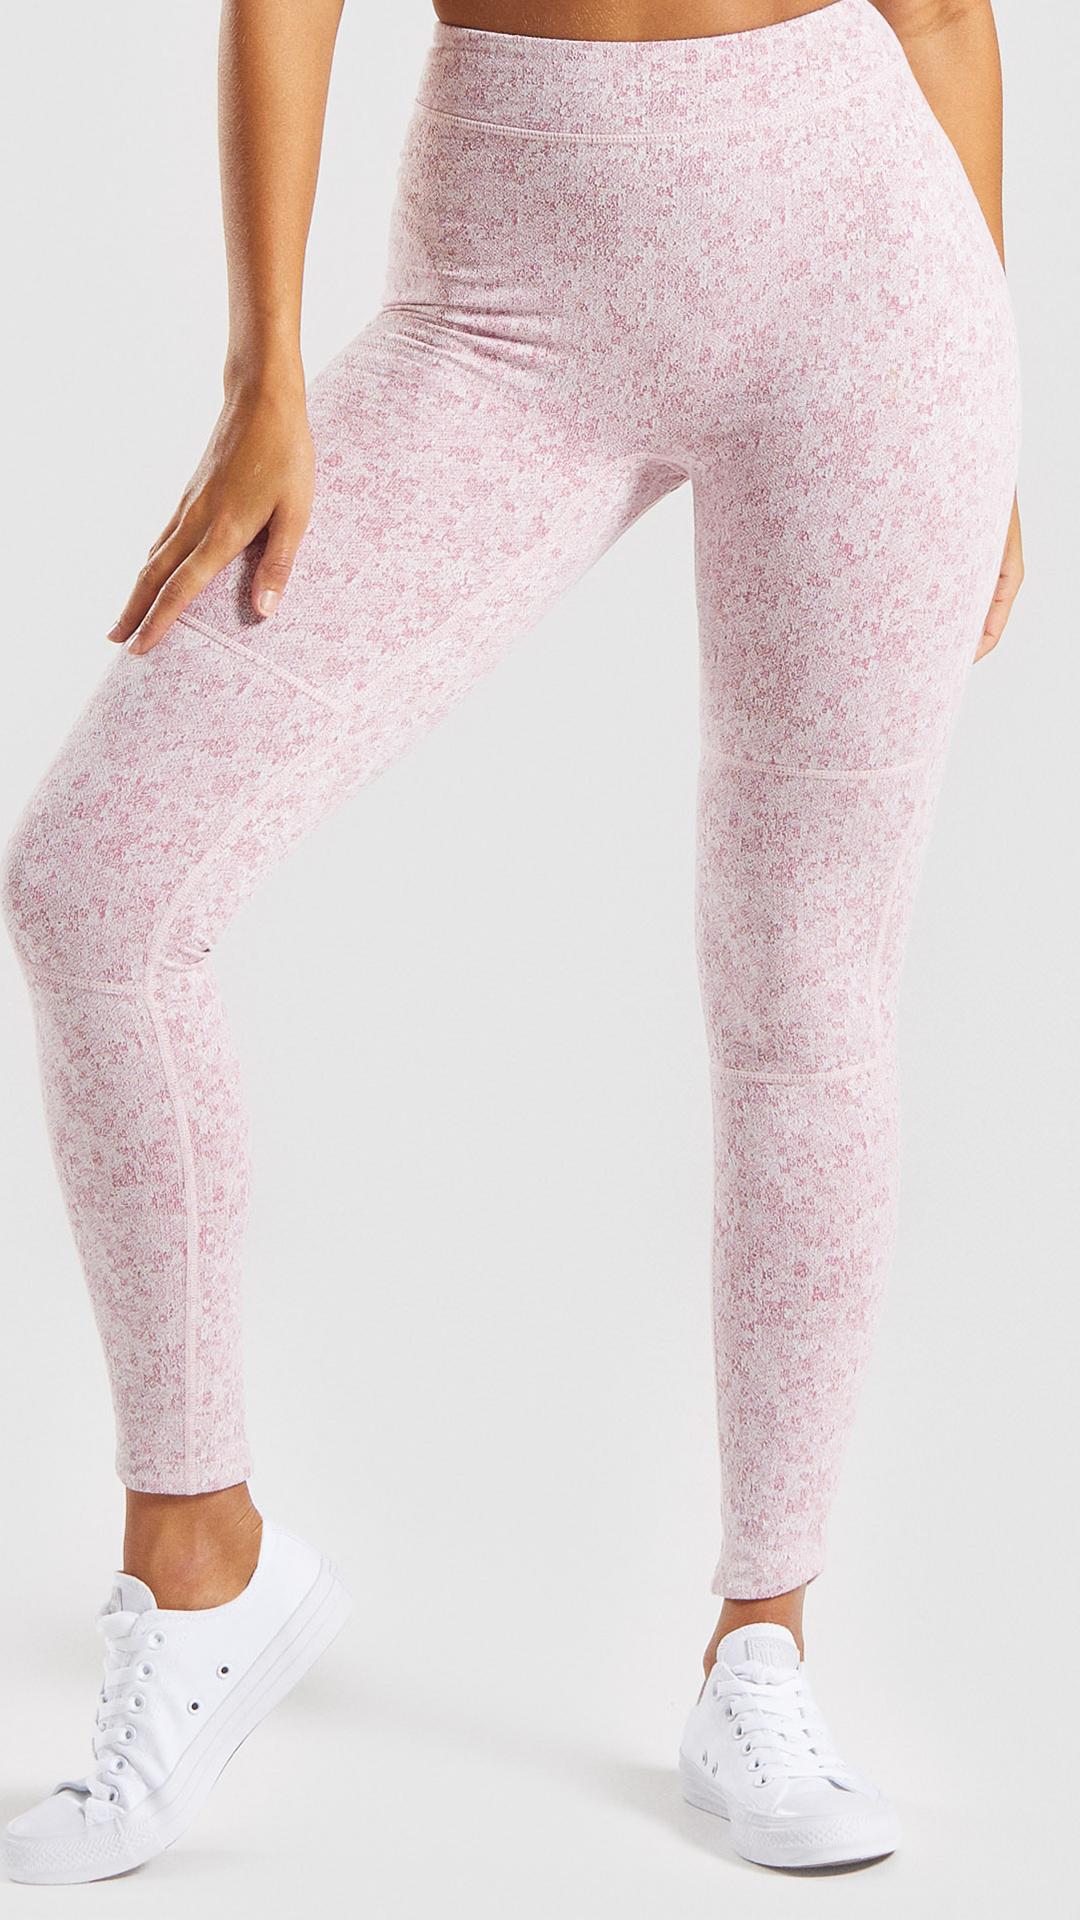 353d57ee37 Gymshark Fleur Texture Leggings - Dusky Pink Marl in 2019 | athletic ...